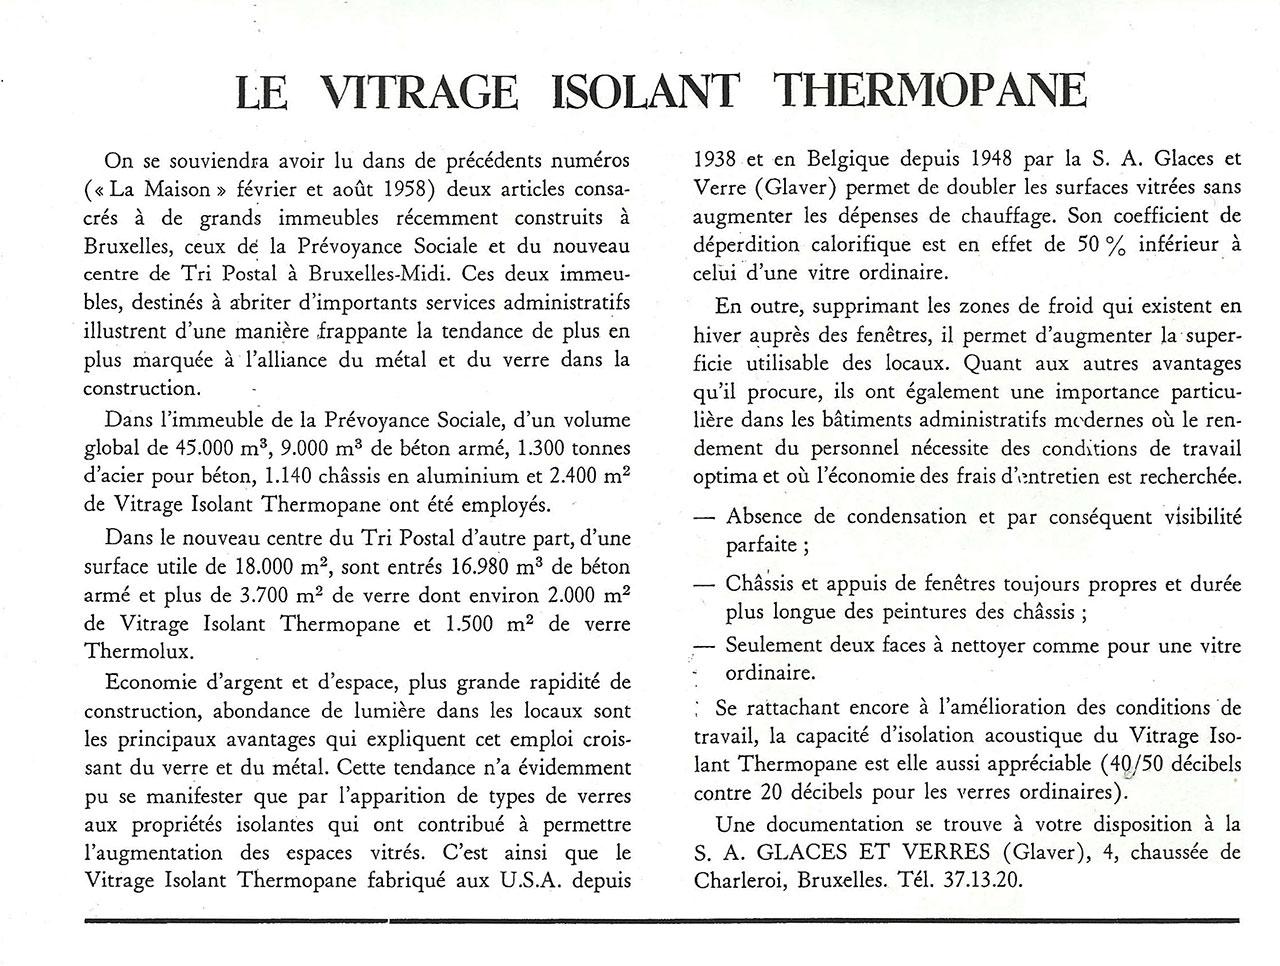 Le vitrage isolant Thermopane